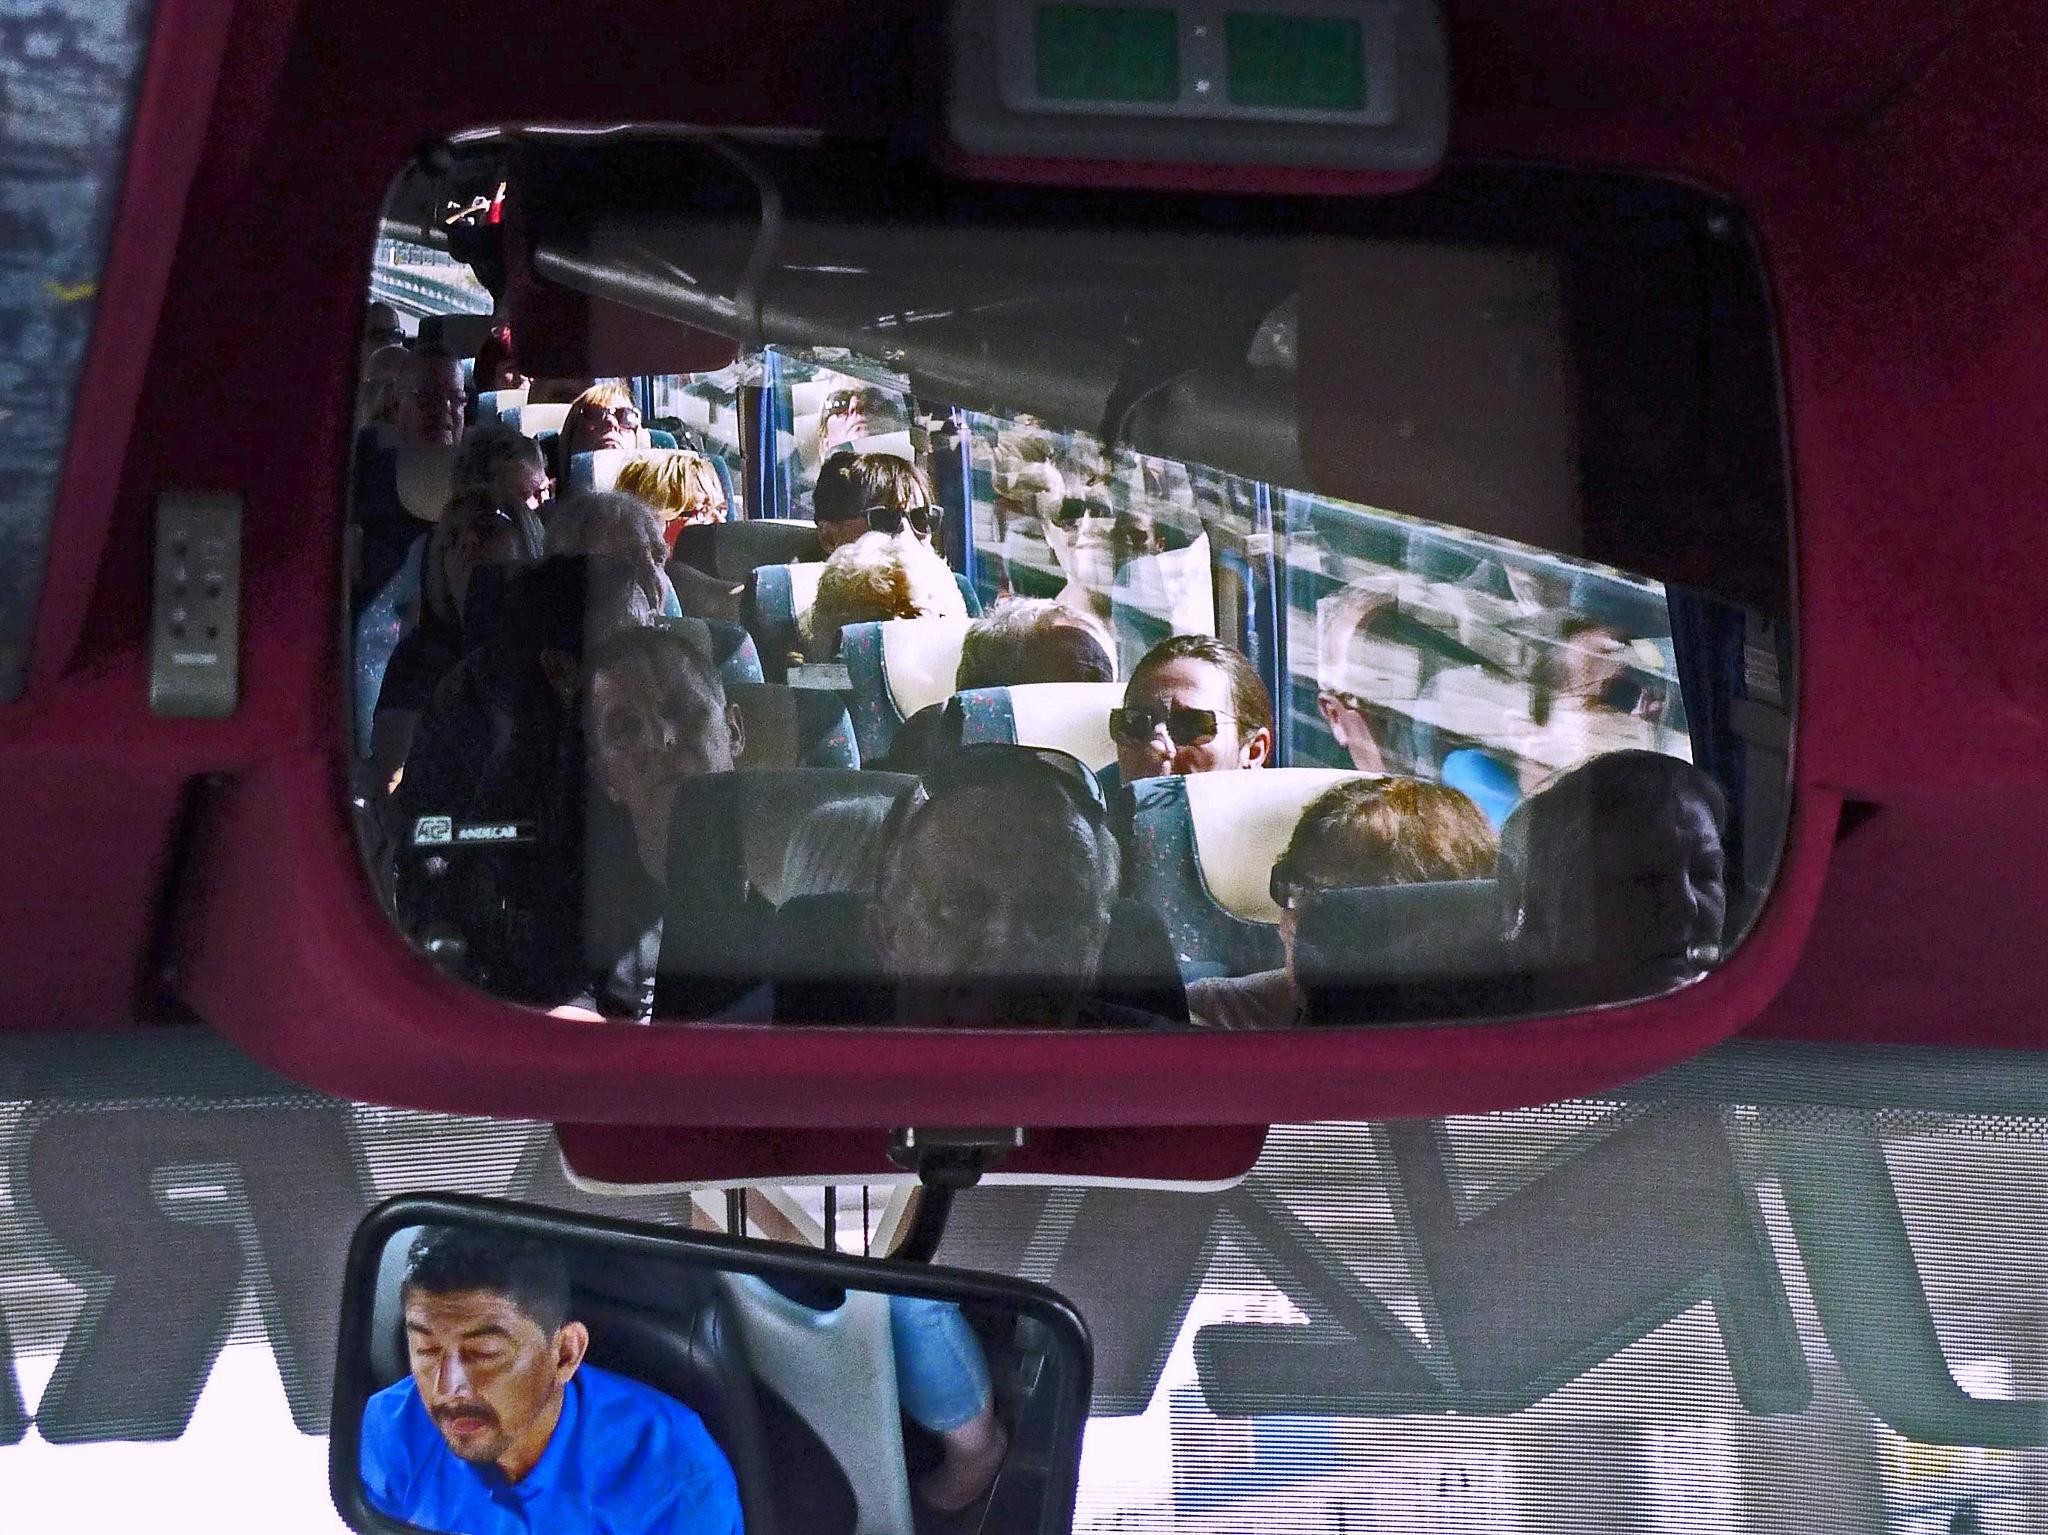 Coach Driver & Passengers - Colour by paul.hosker